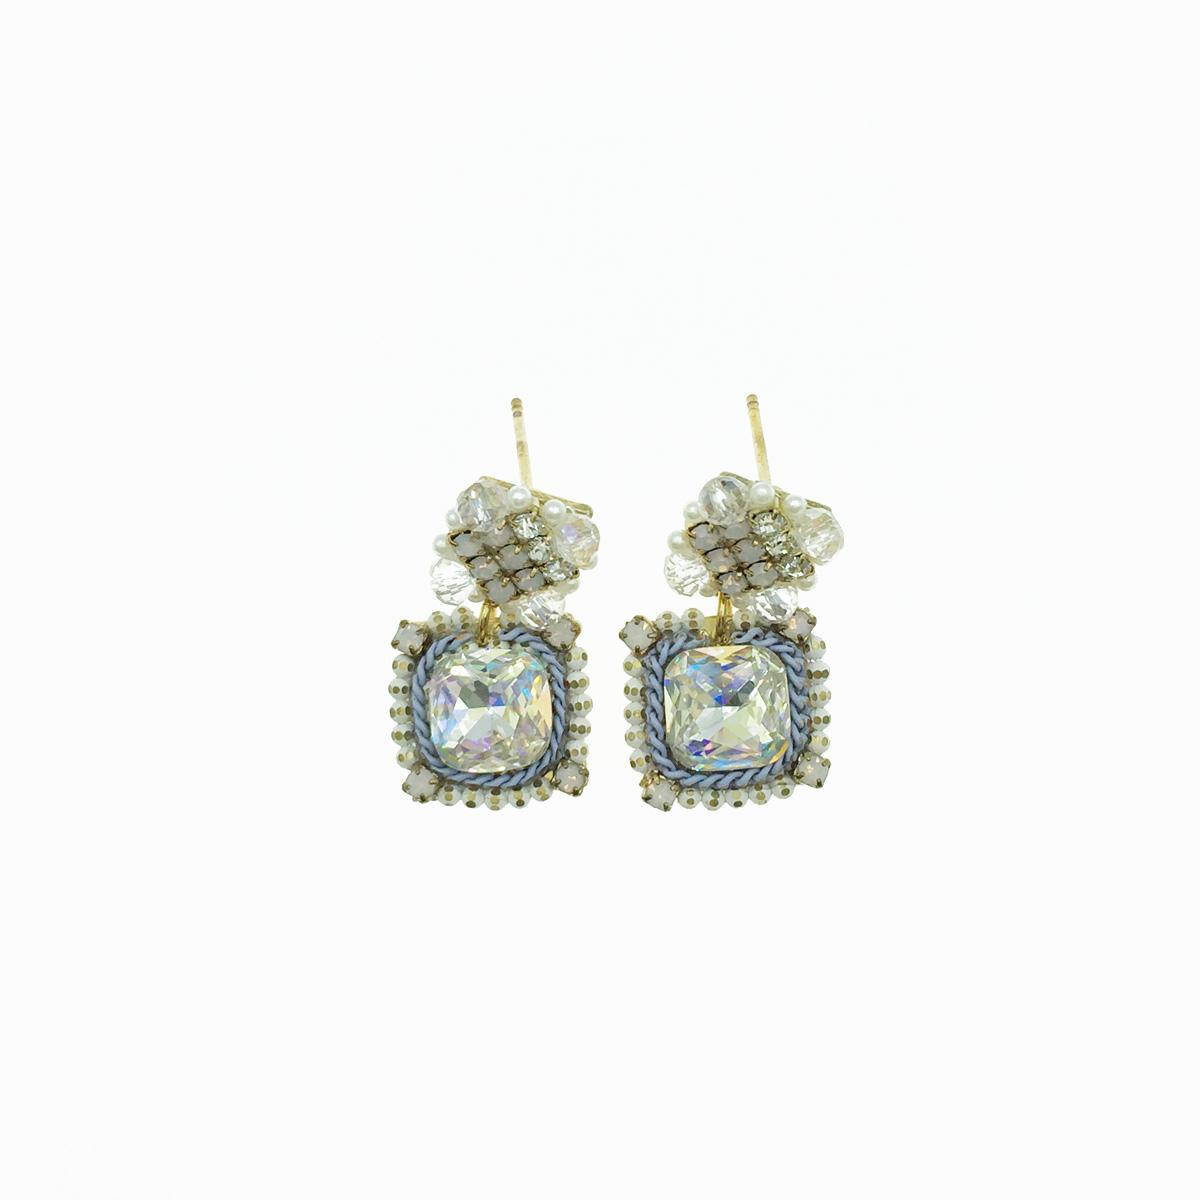 水鑽珍珠 垂墜感 耳針式耳環 採用施華洛世奇水晶元素 Crystals from Swarovski